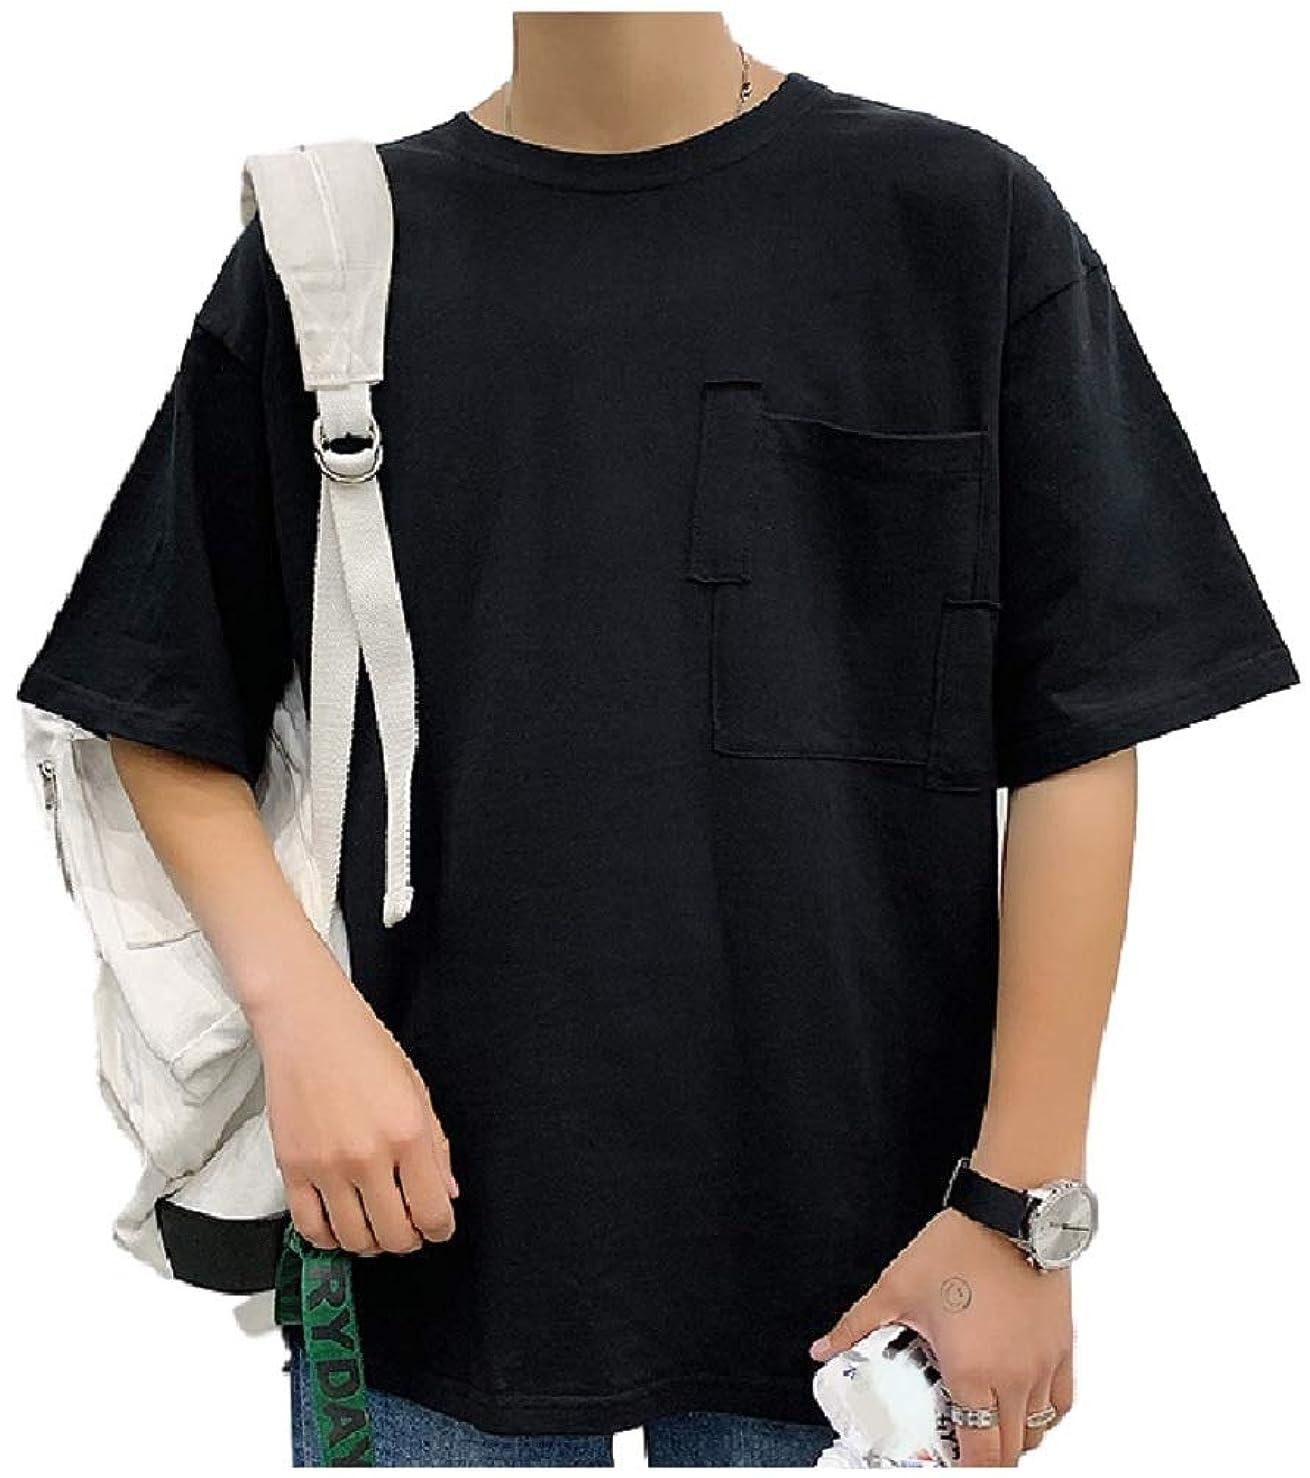 成長買うミッション[フローライズ] 【在庫一掃セール】 胸ポケ ビッグ シルエット ゆったり カットソー tシャツ 無地 抜け感 胸ポケット